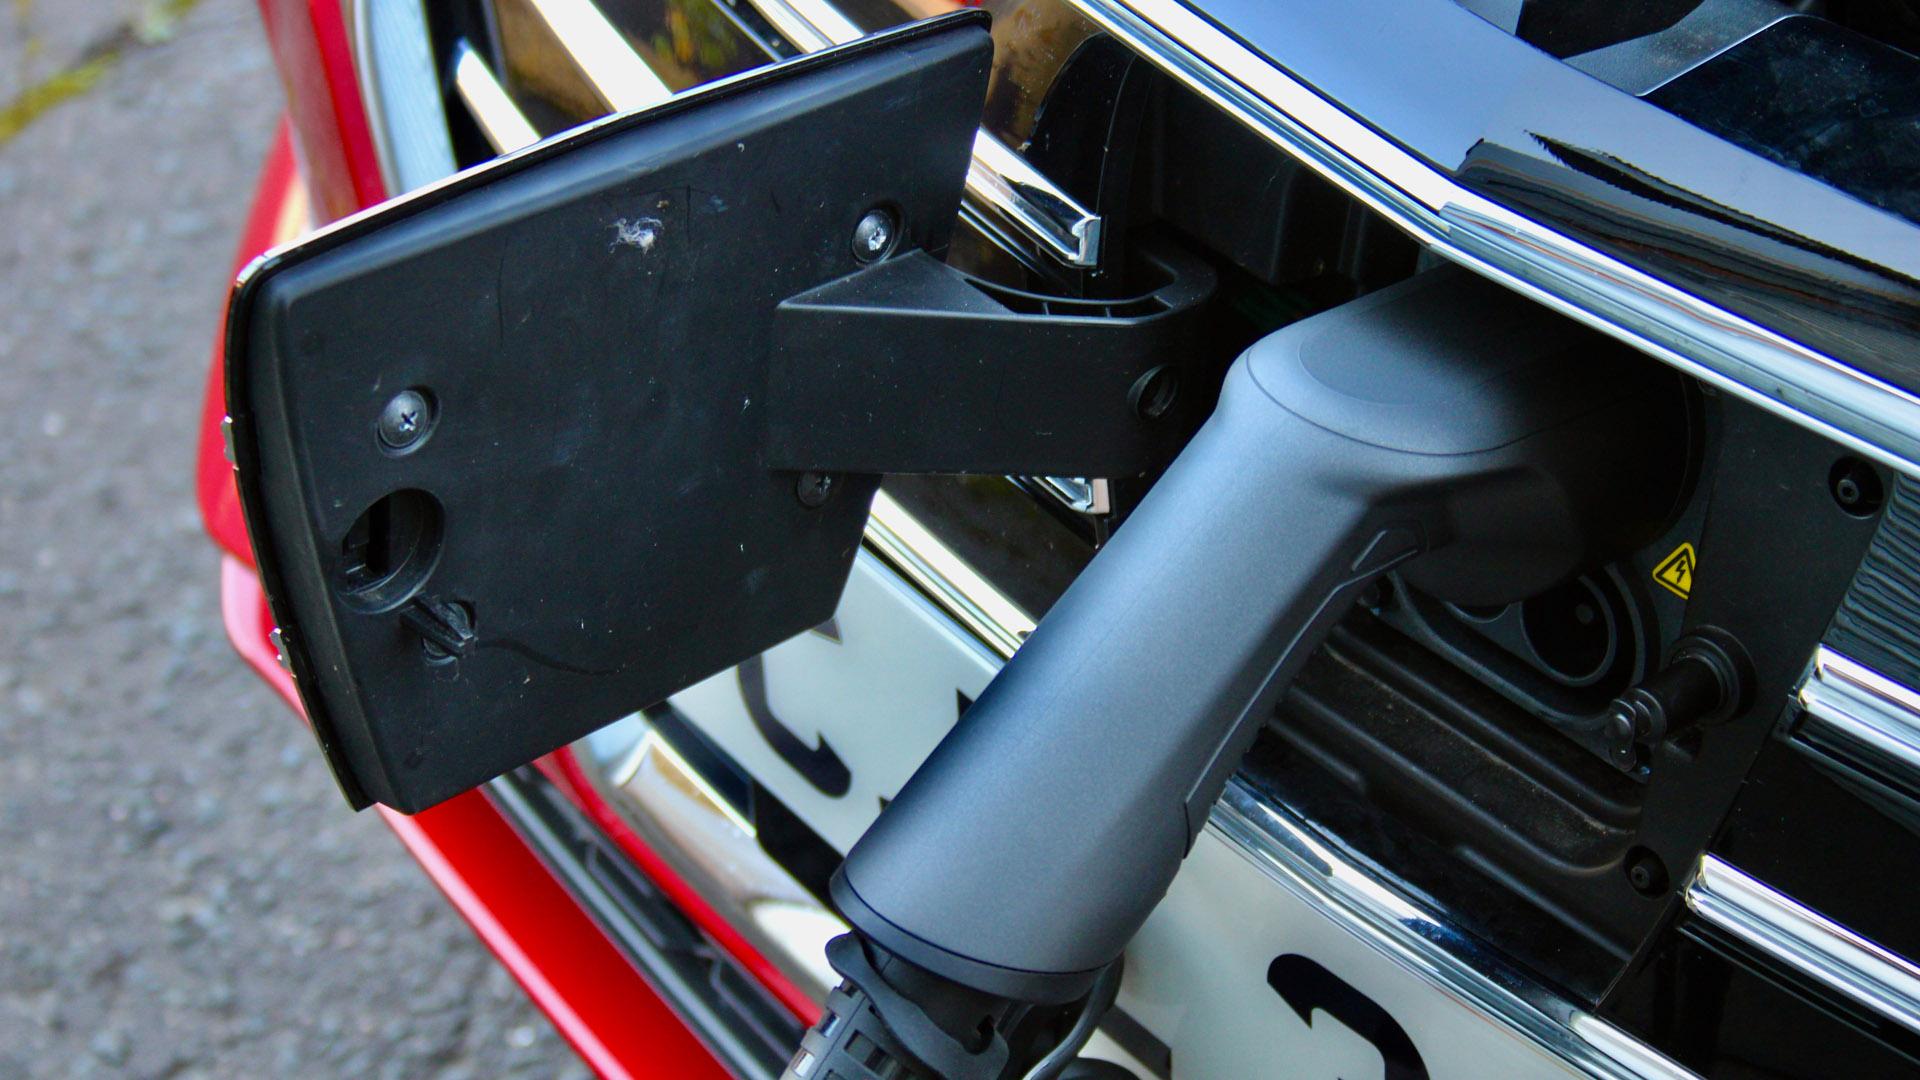 MG5 EV charging